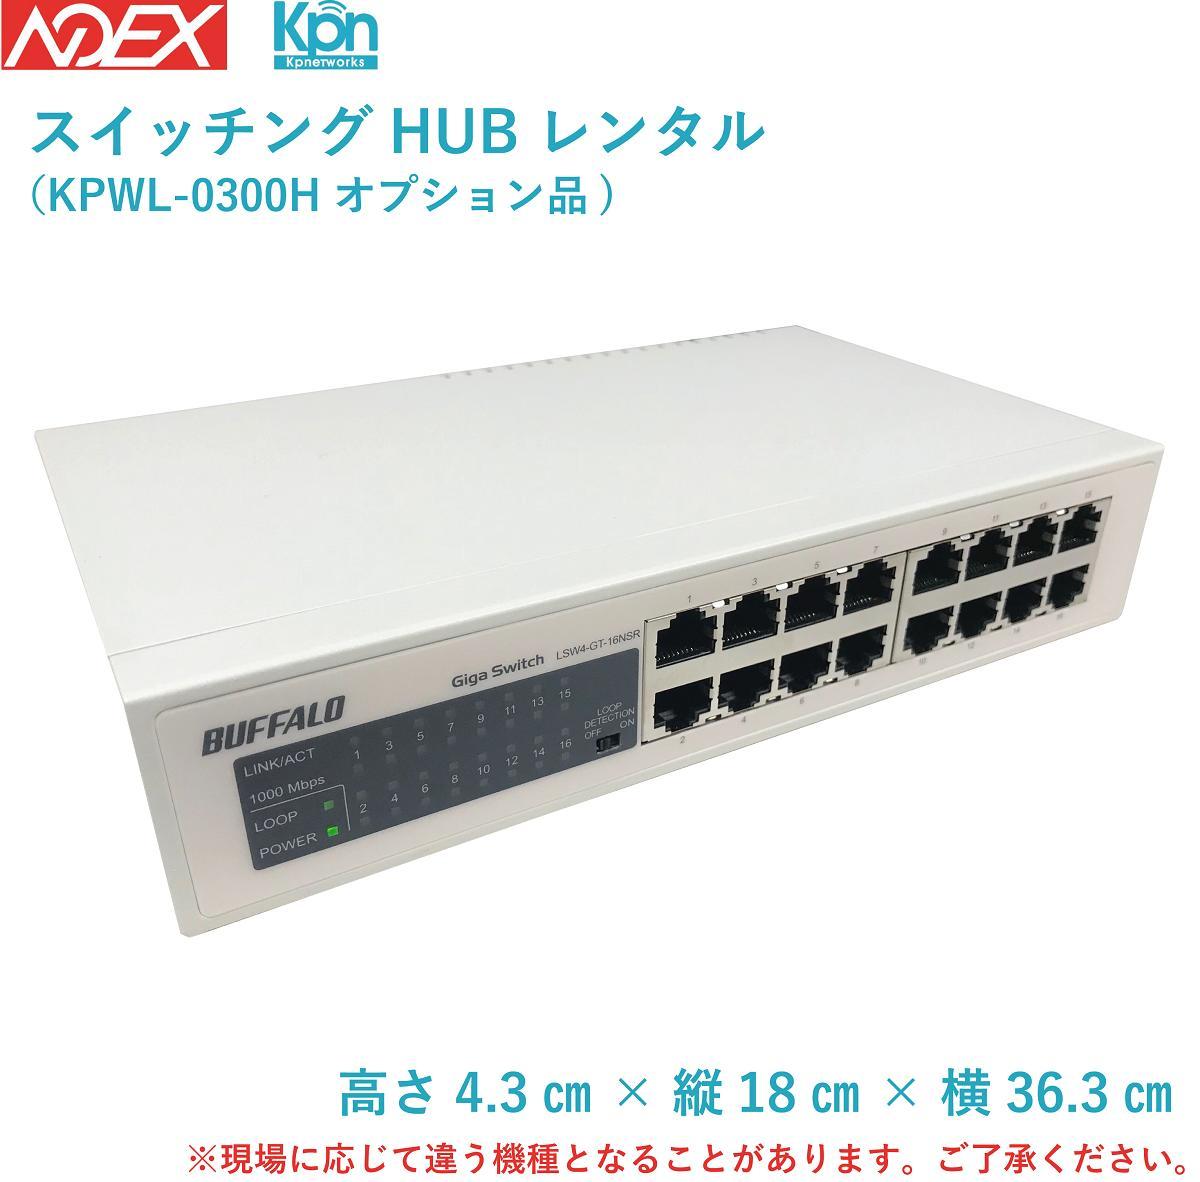 【レンタル】KPWL-0300H スイッチングHUB